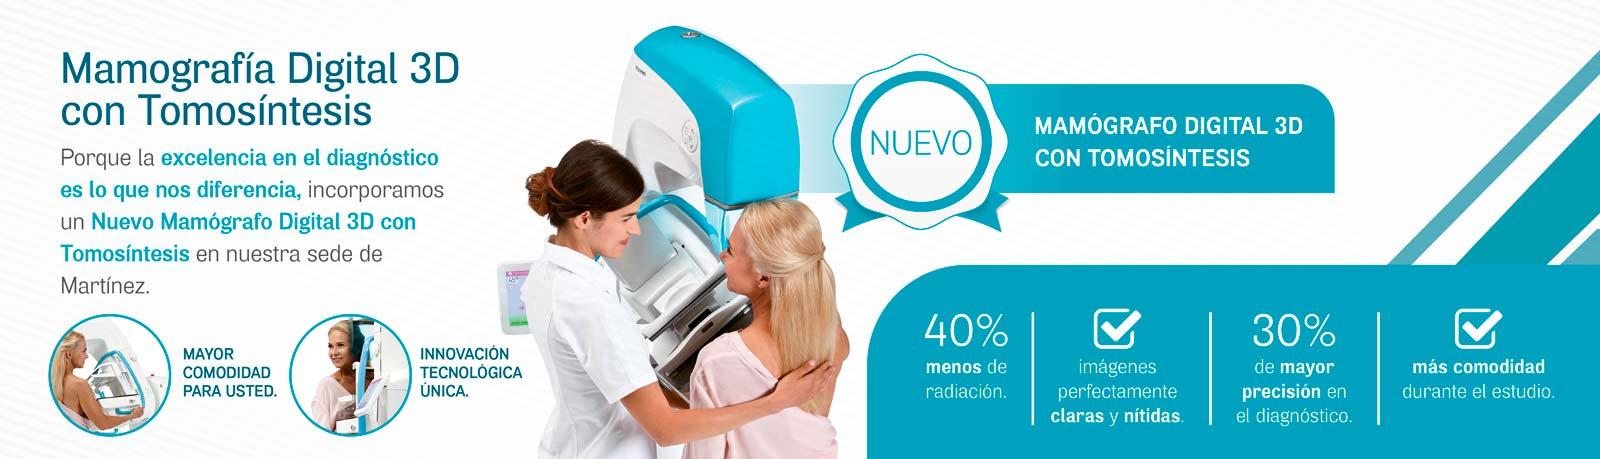 Mamografía Digital 3D con Tomosíntesis